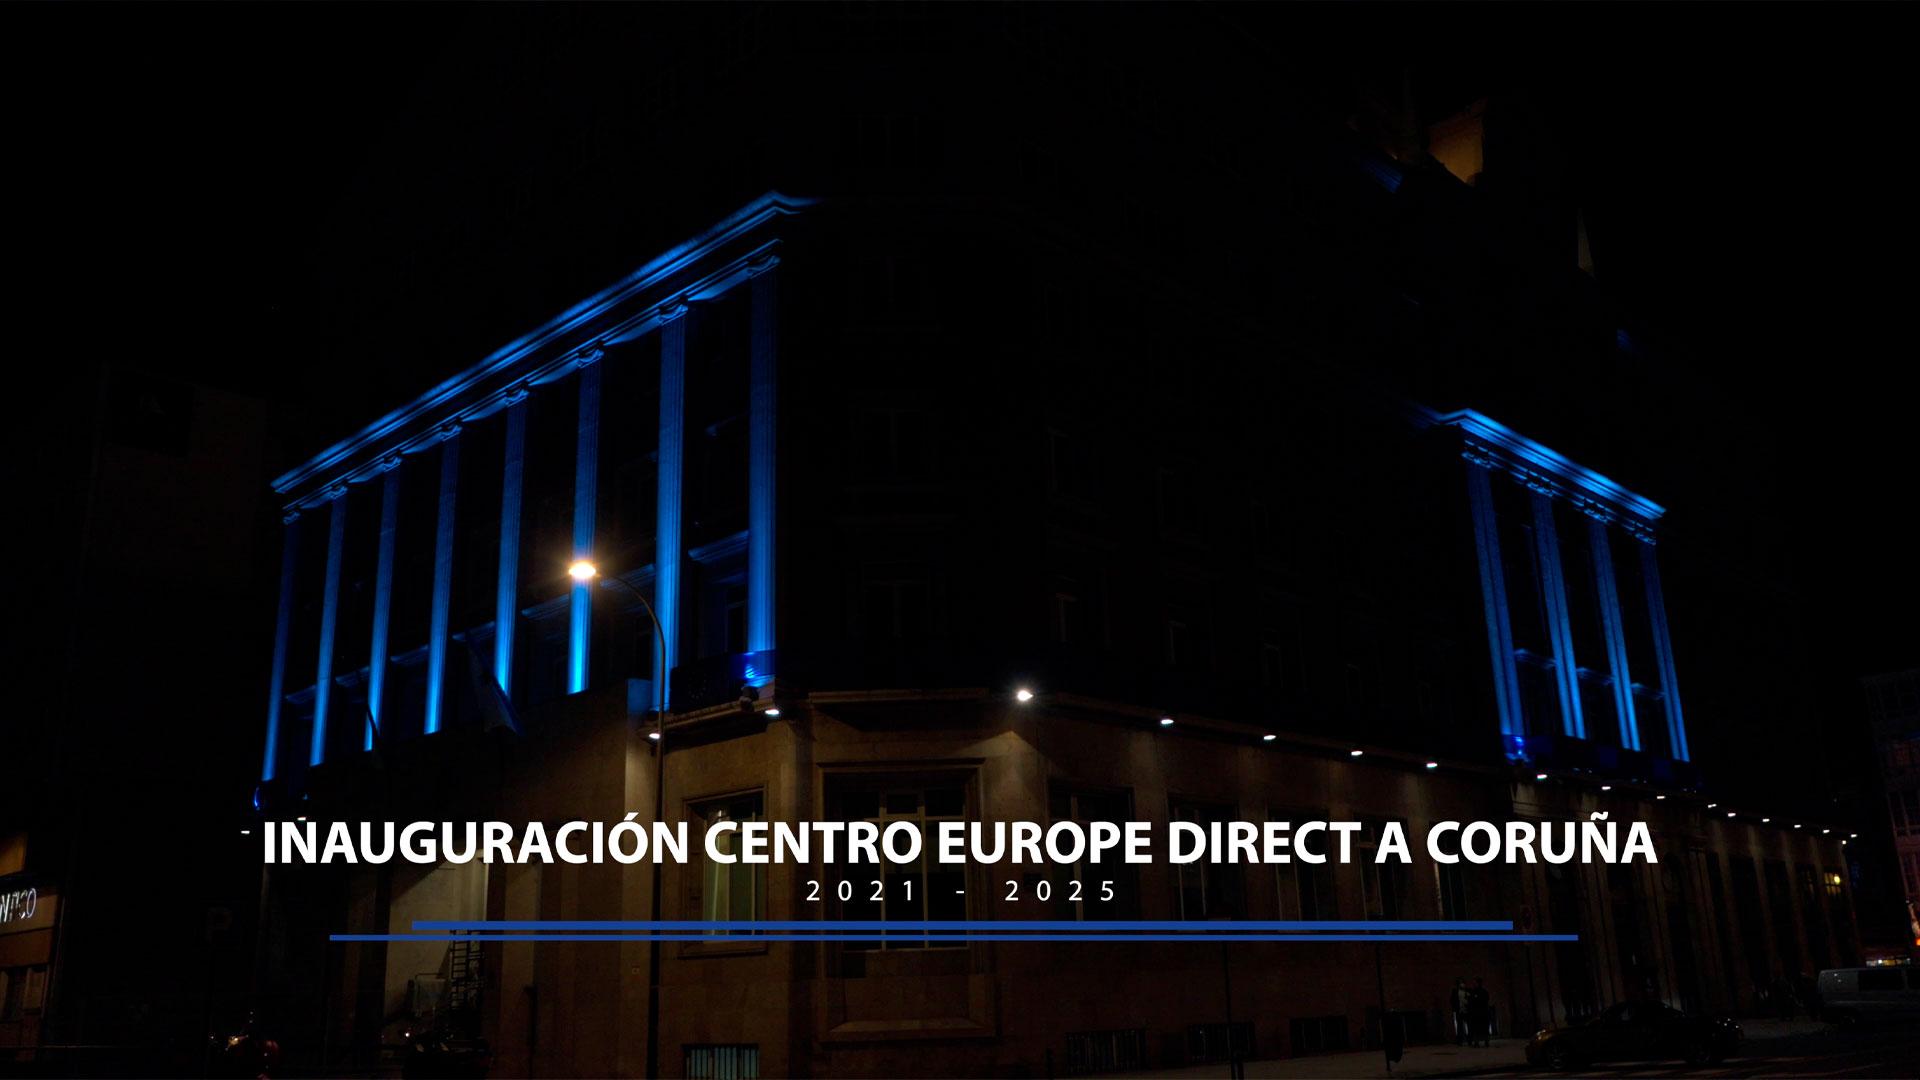 Europe Direct A Coruña